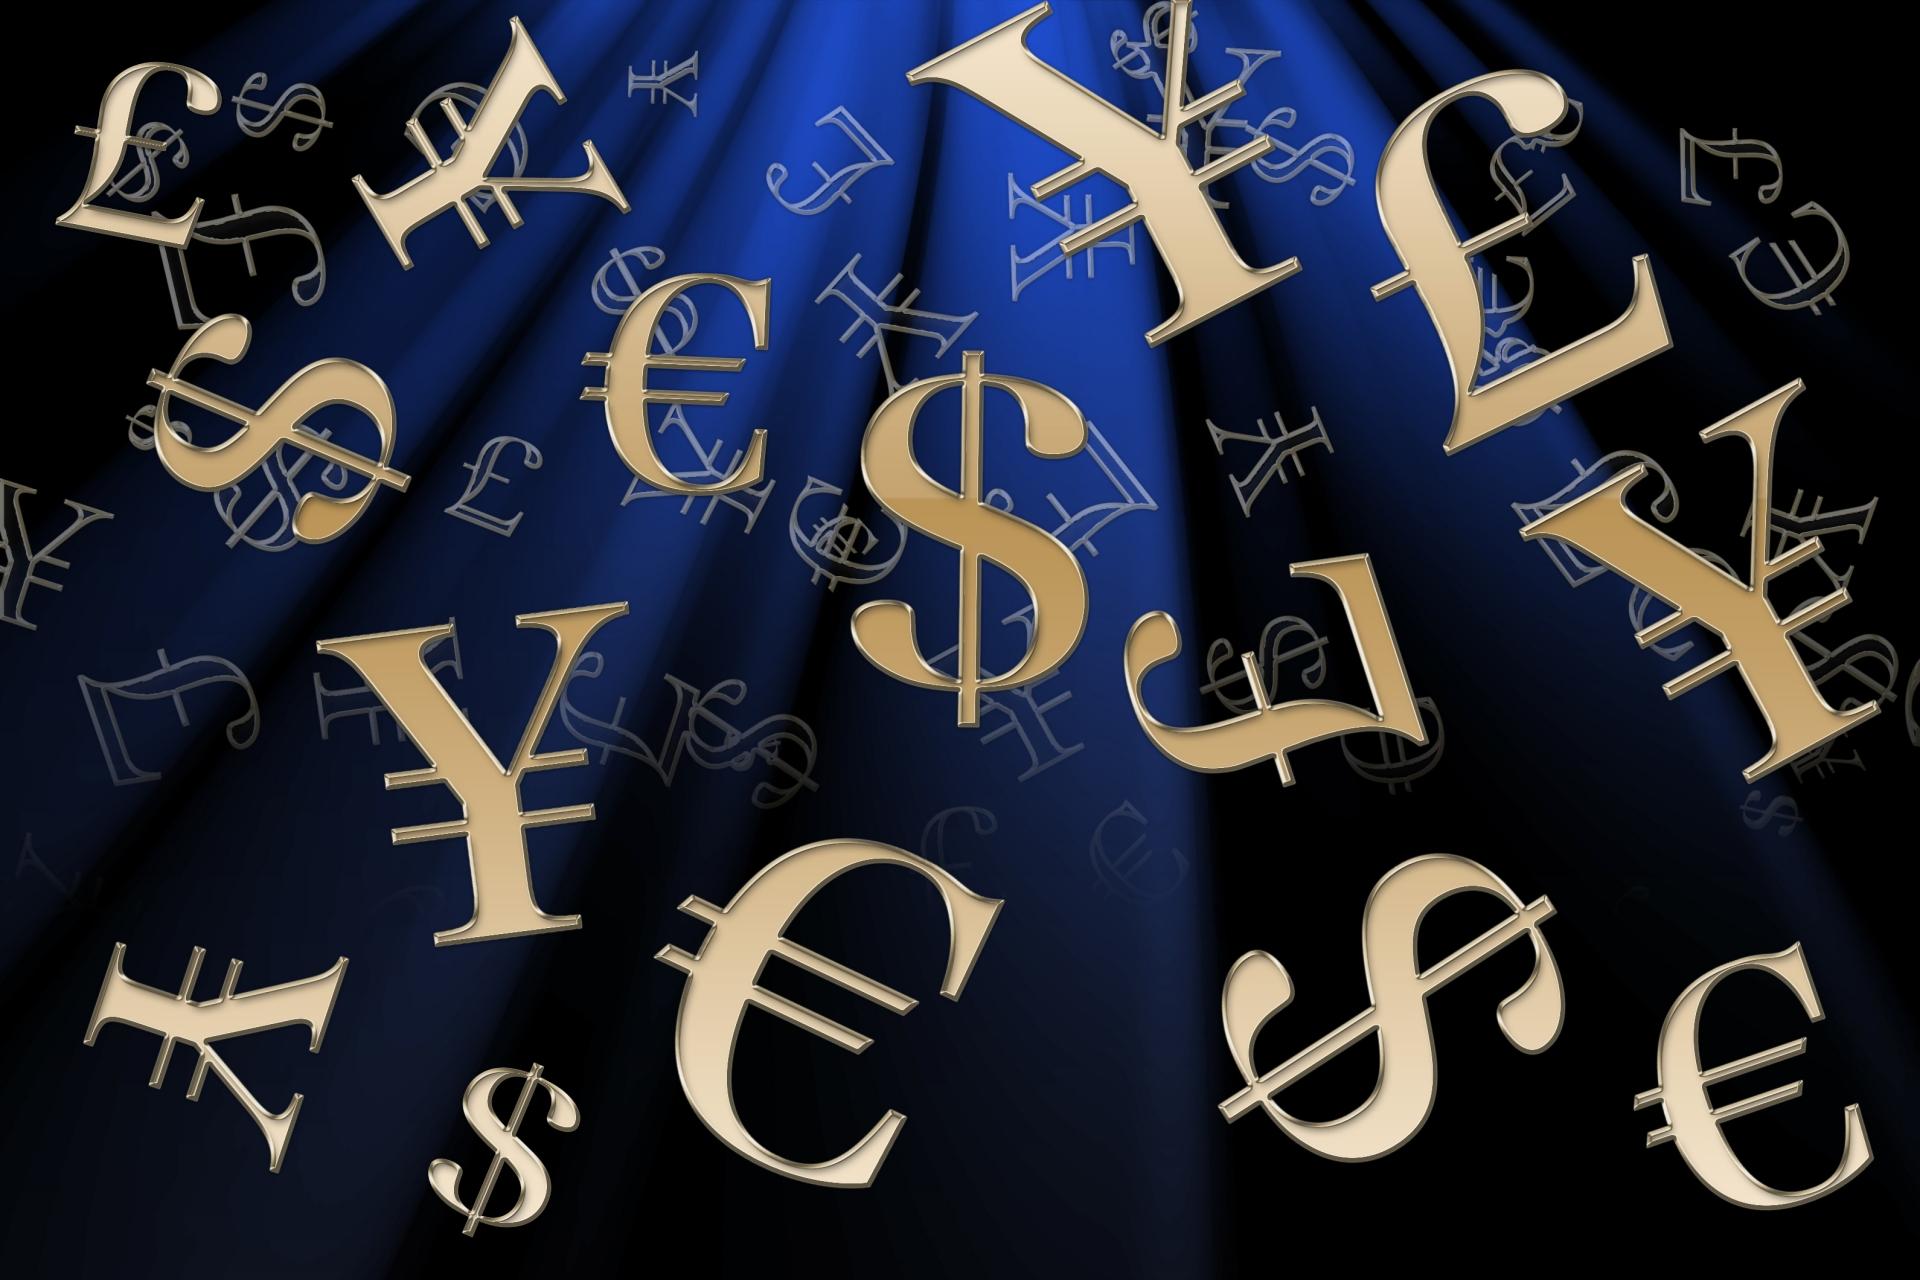 ドイツ銀行が破綻してもリーマンショック級の金融危機は起こらない